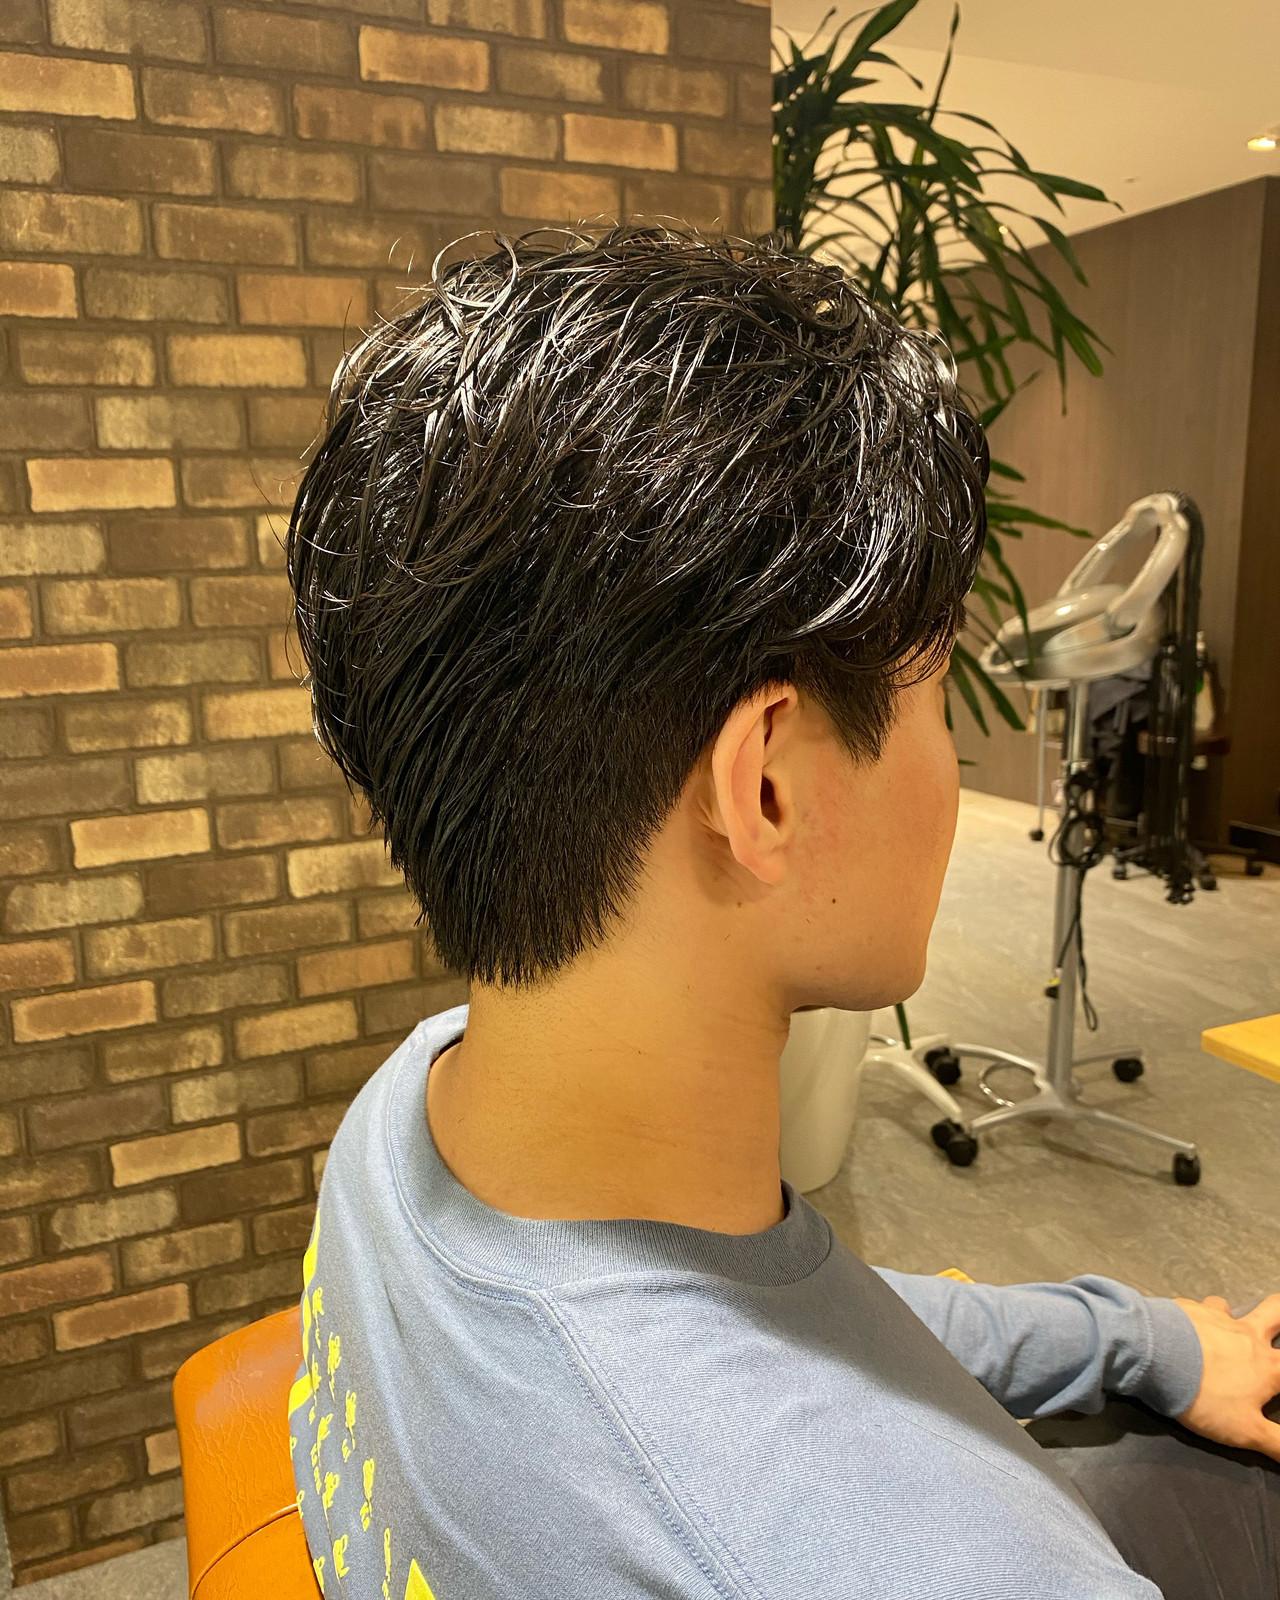 メンズ メンズショート ナチュラル スタイリング ヘアスタイルや髪型の写真・画像